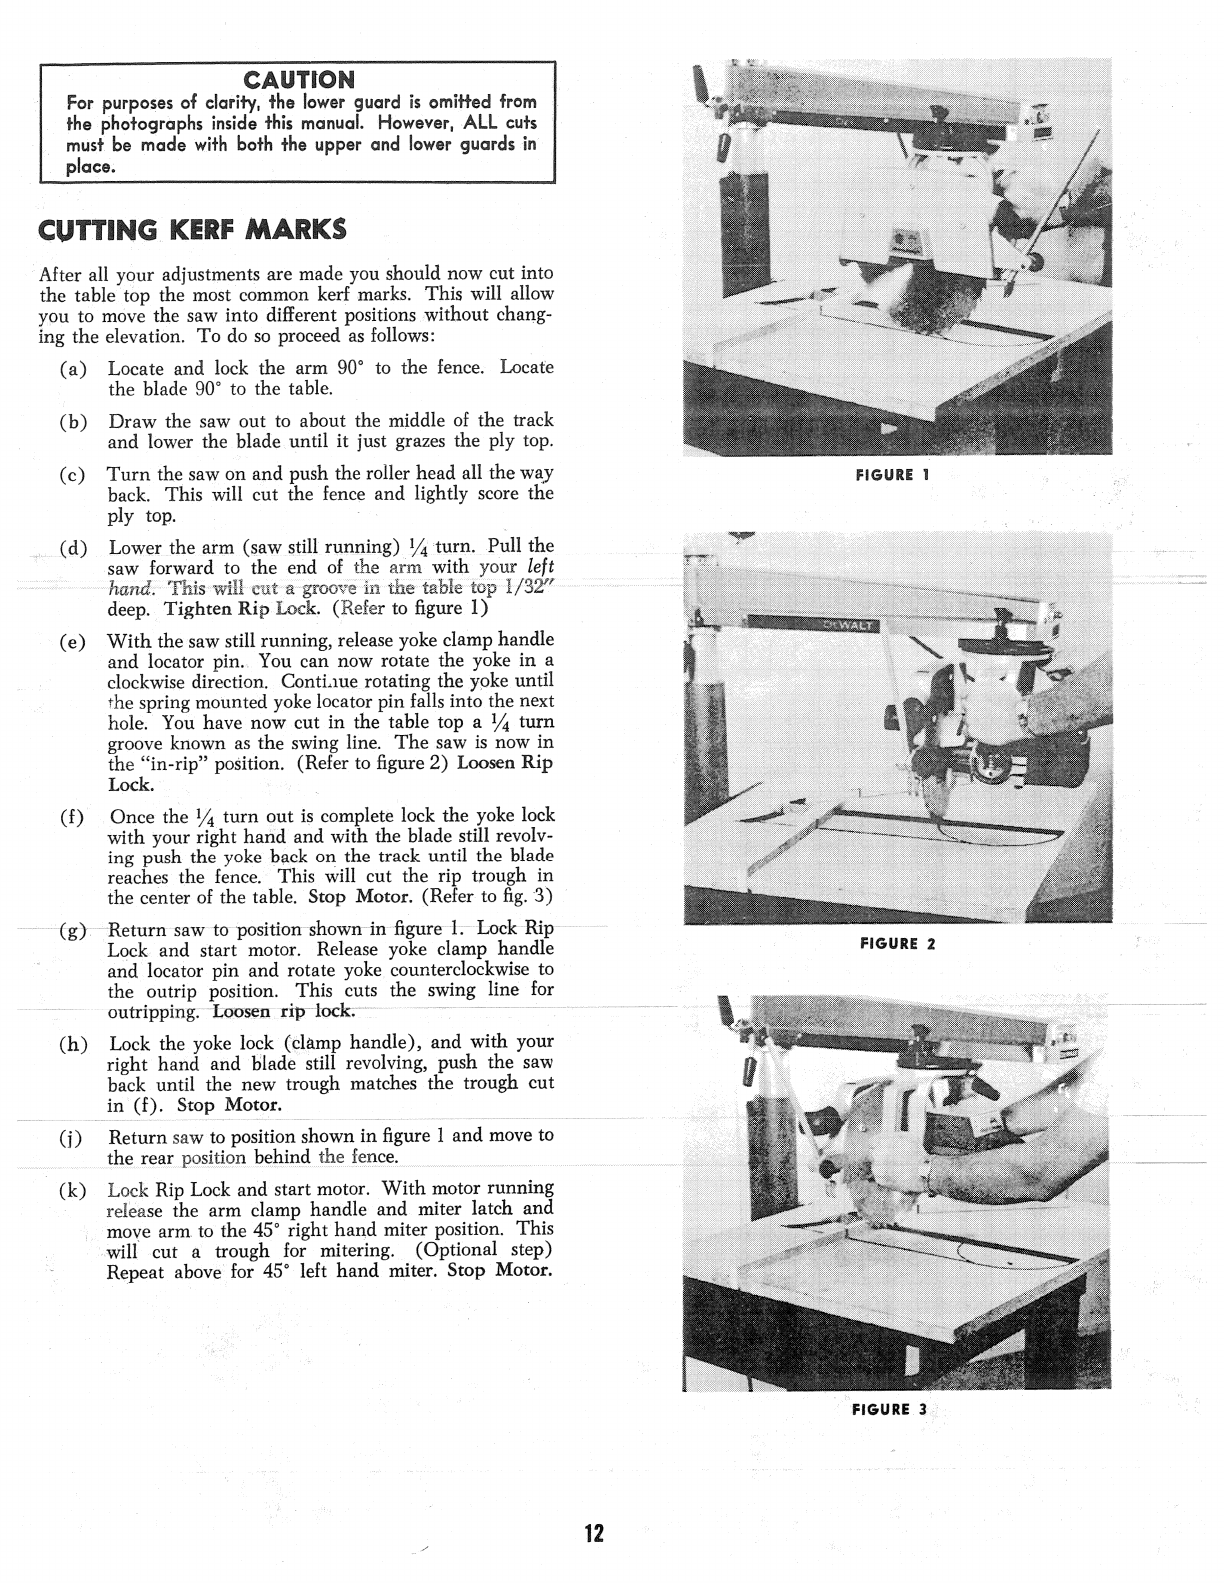 Dewalt 790 12 Manual Guide